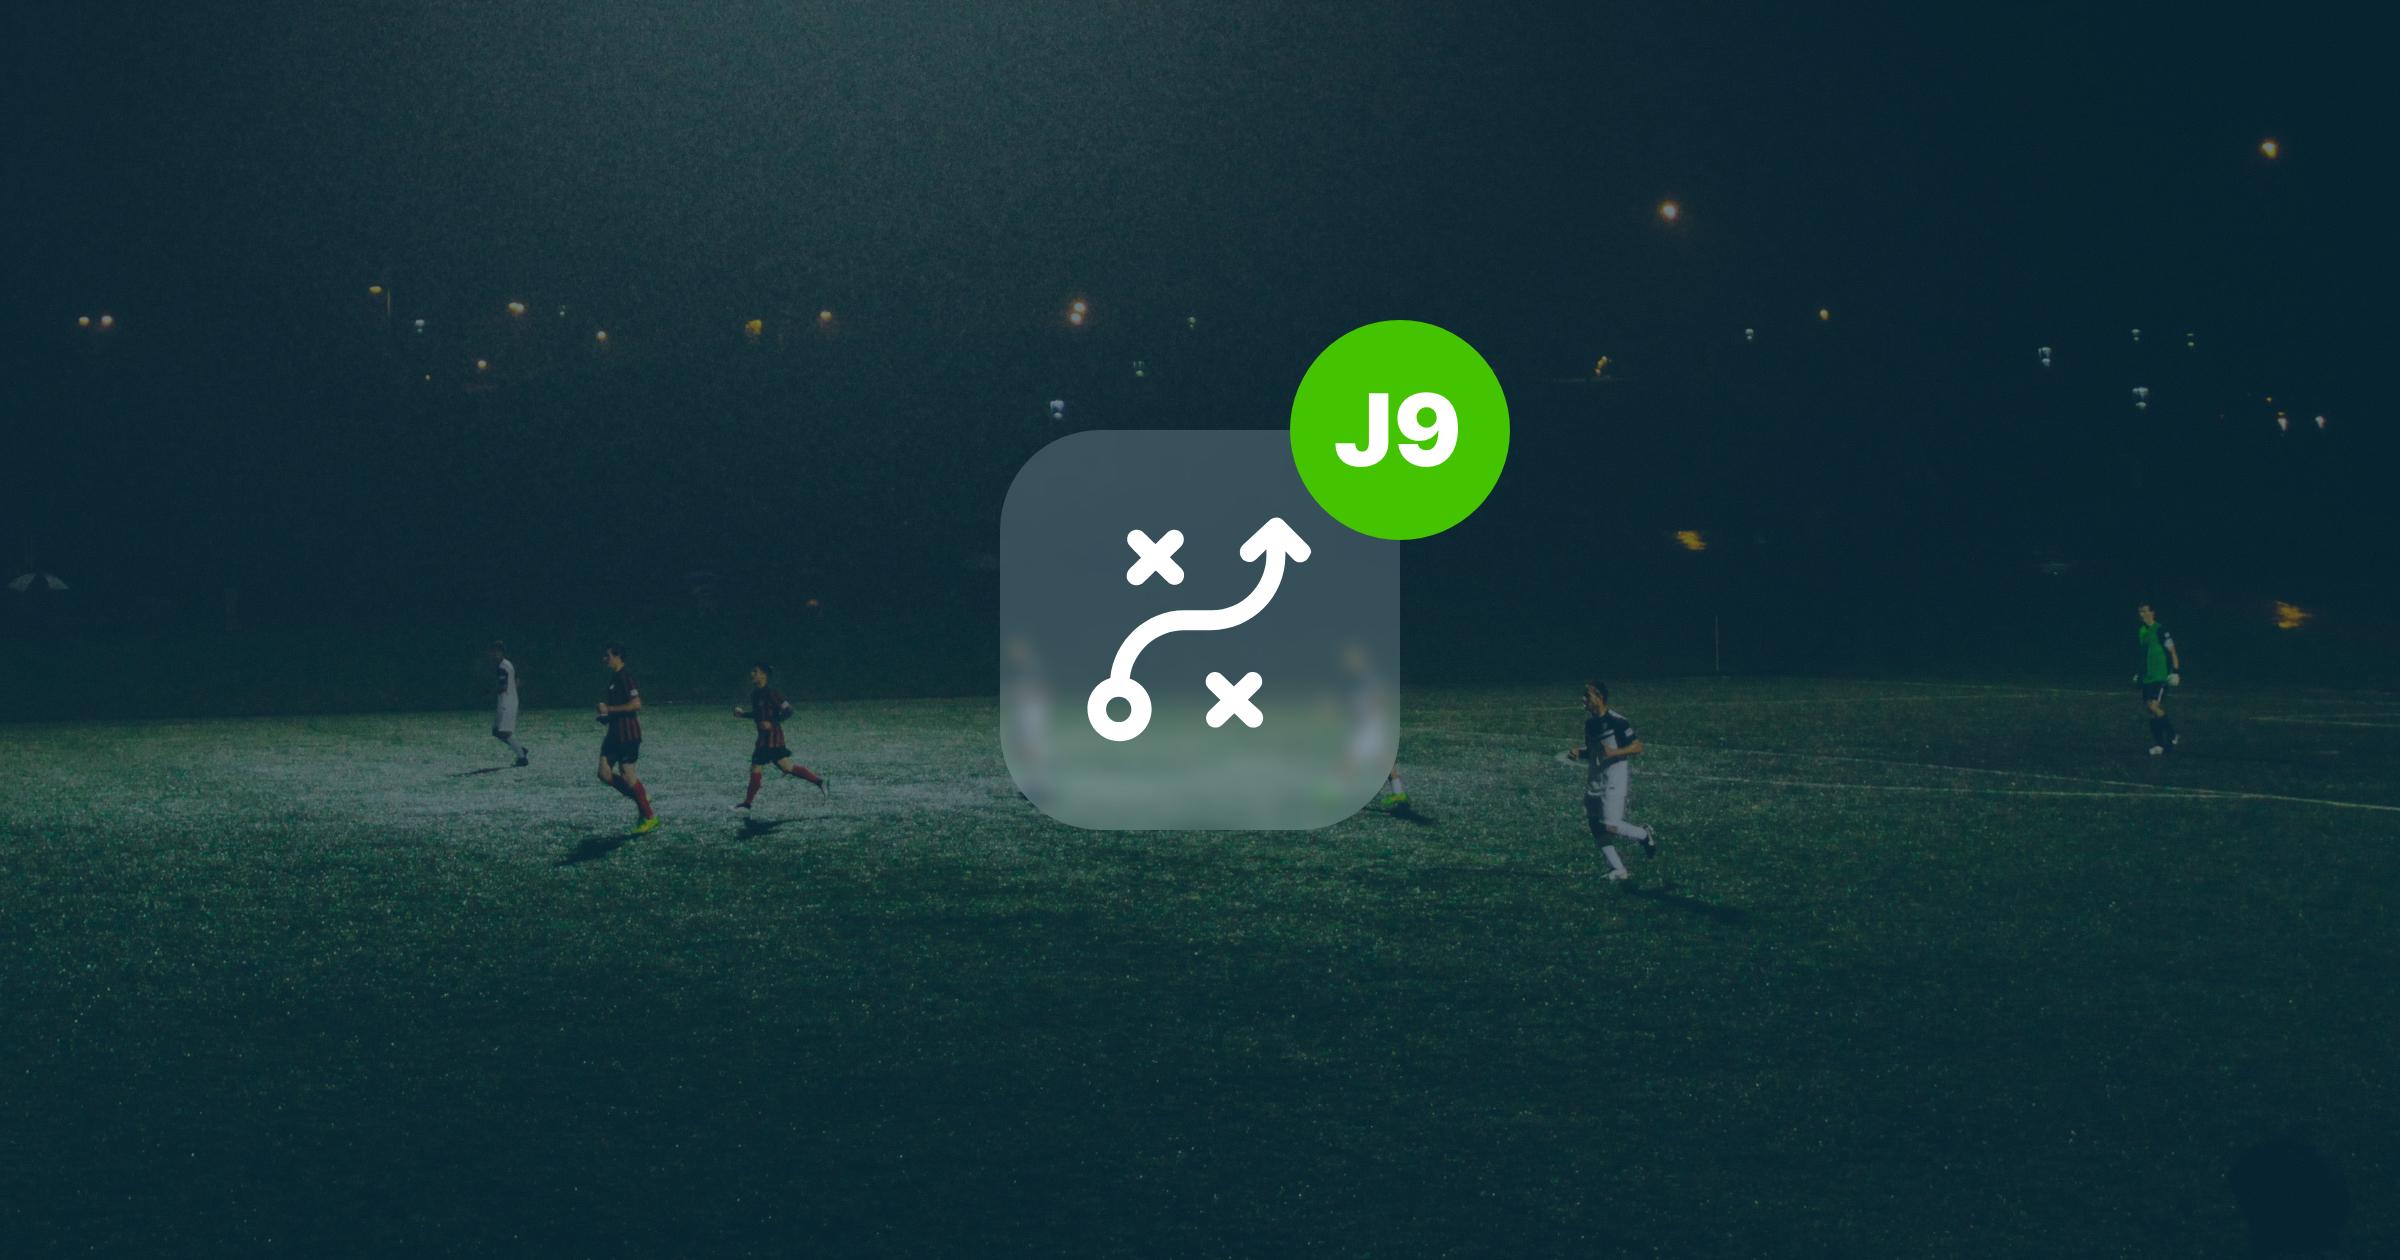 Les joueurs à suivre pour la J9